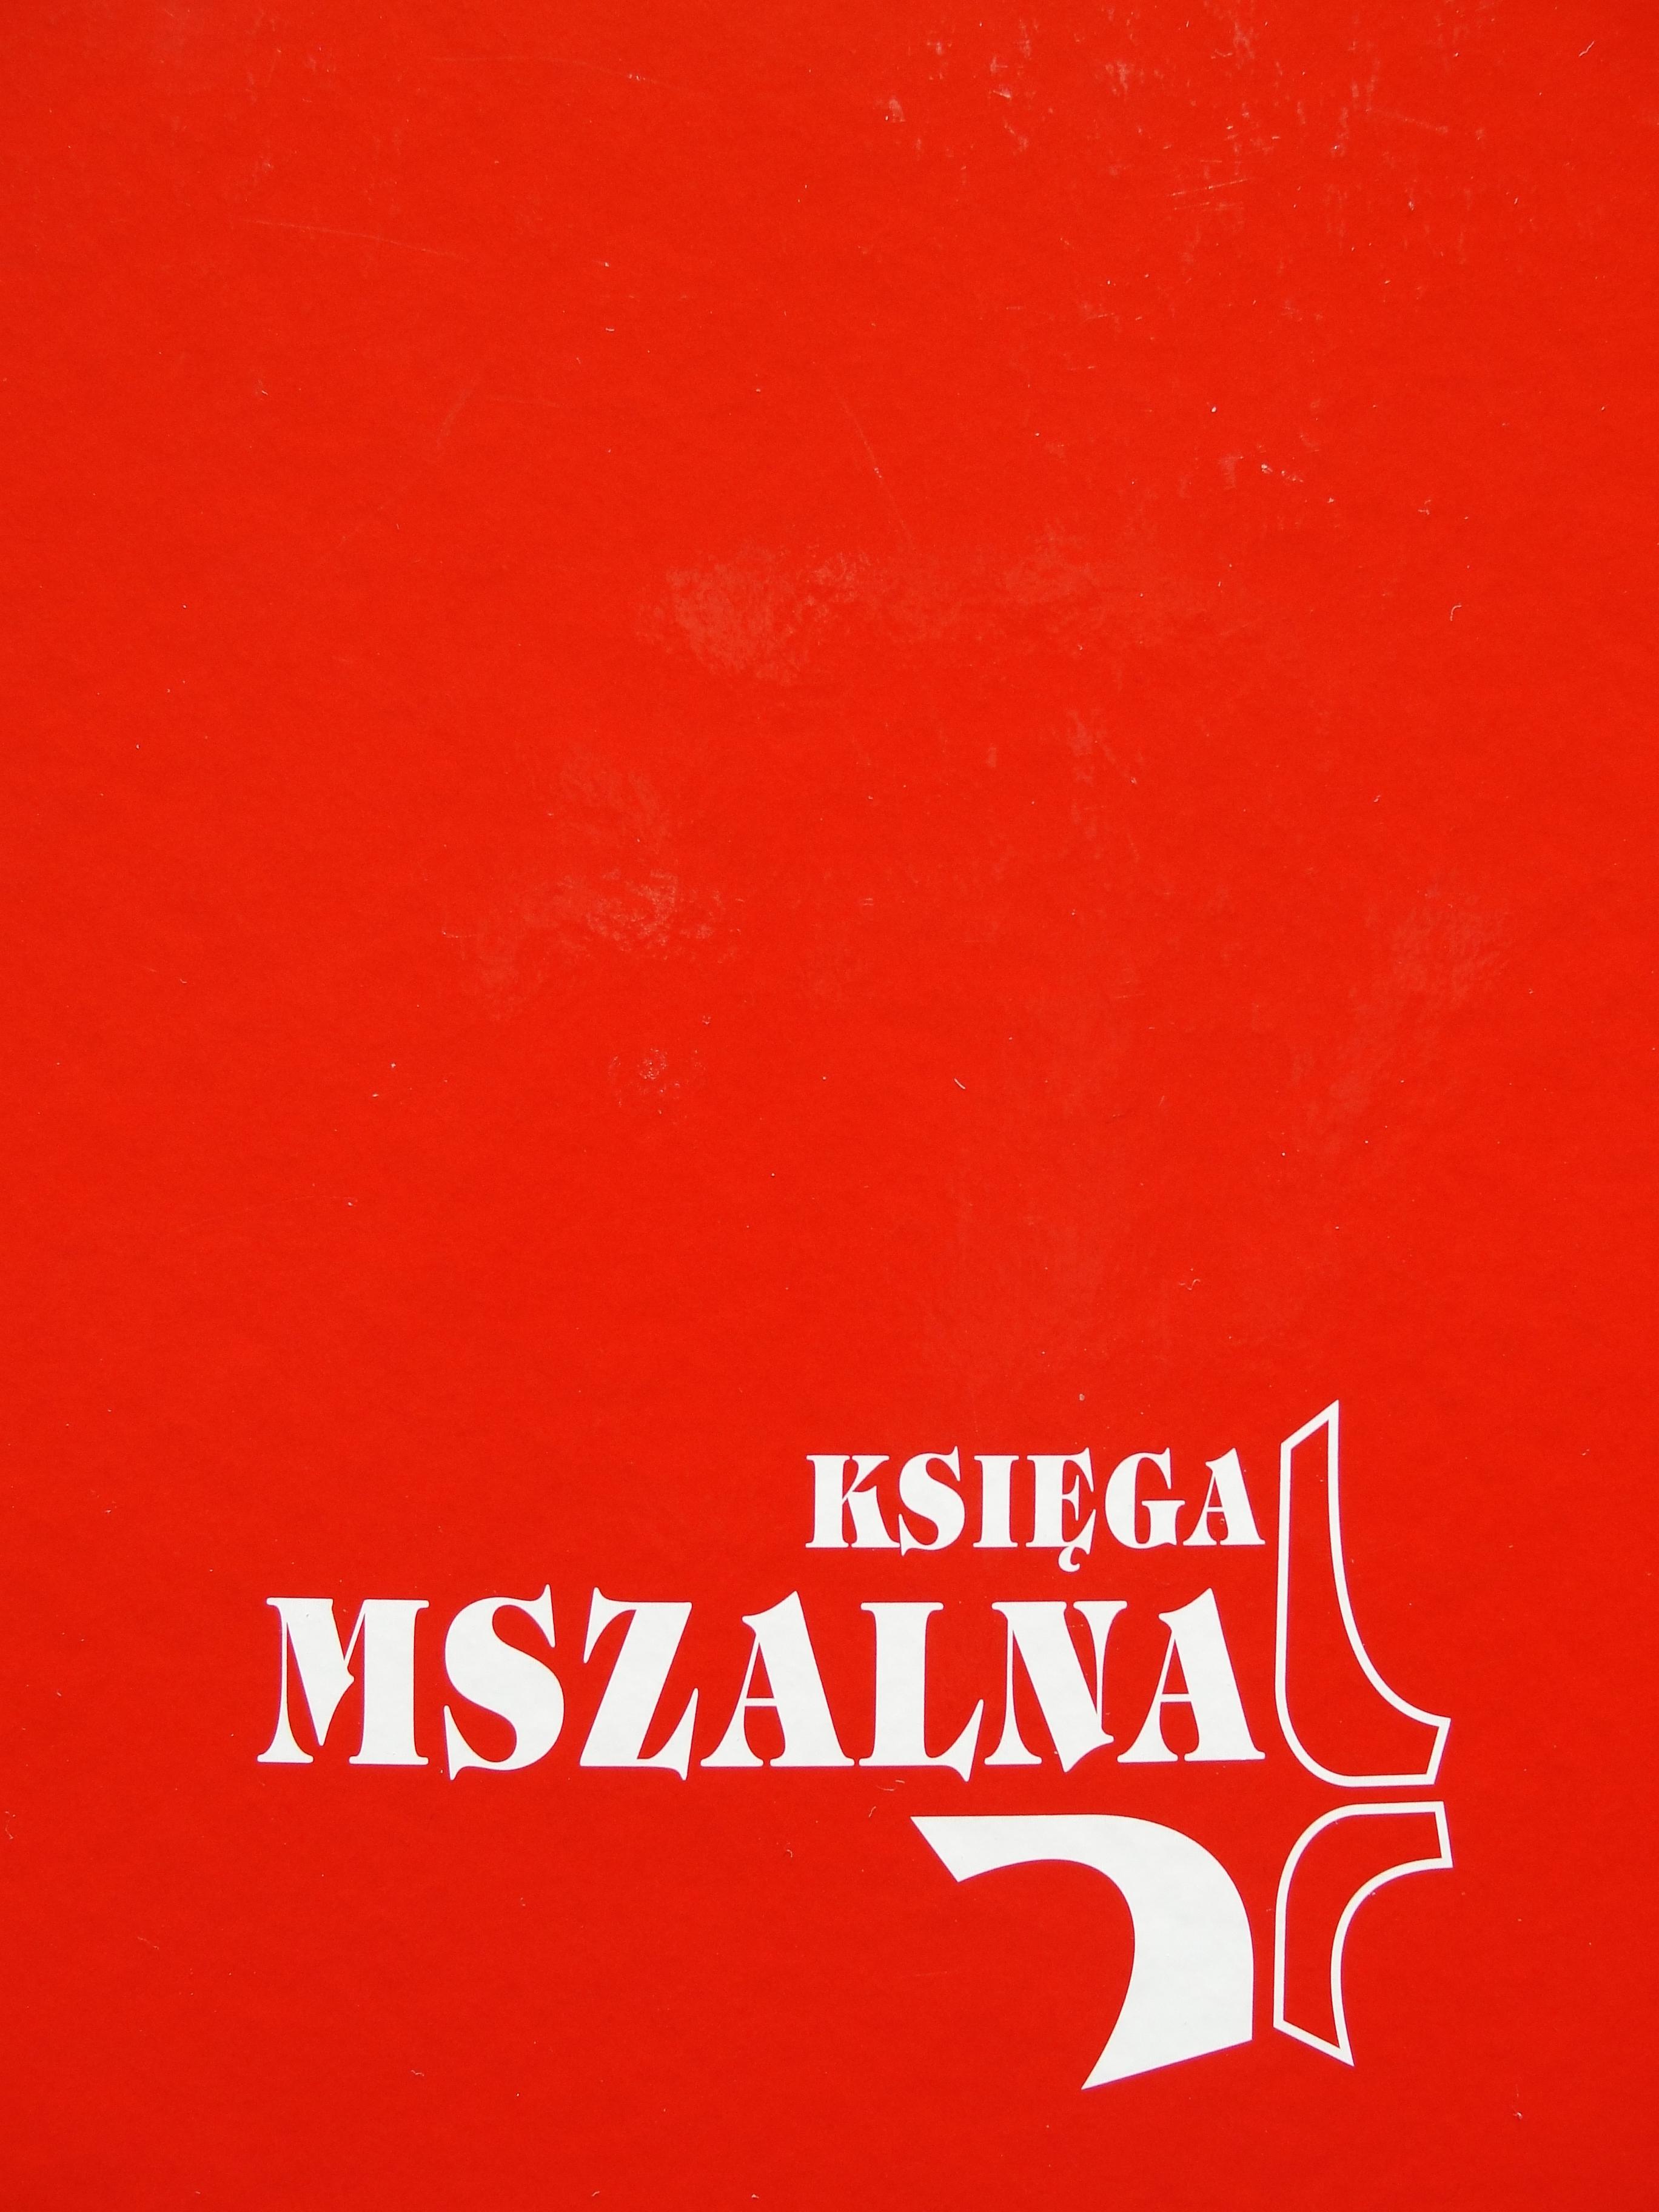 Księga mszalna